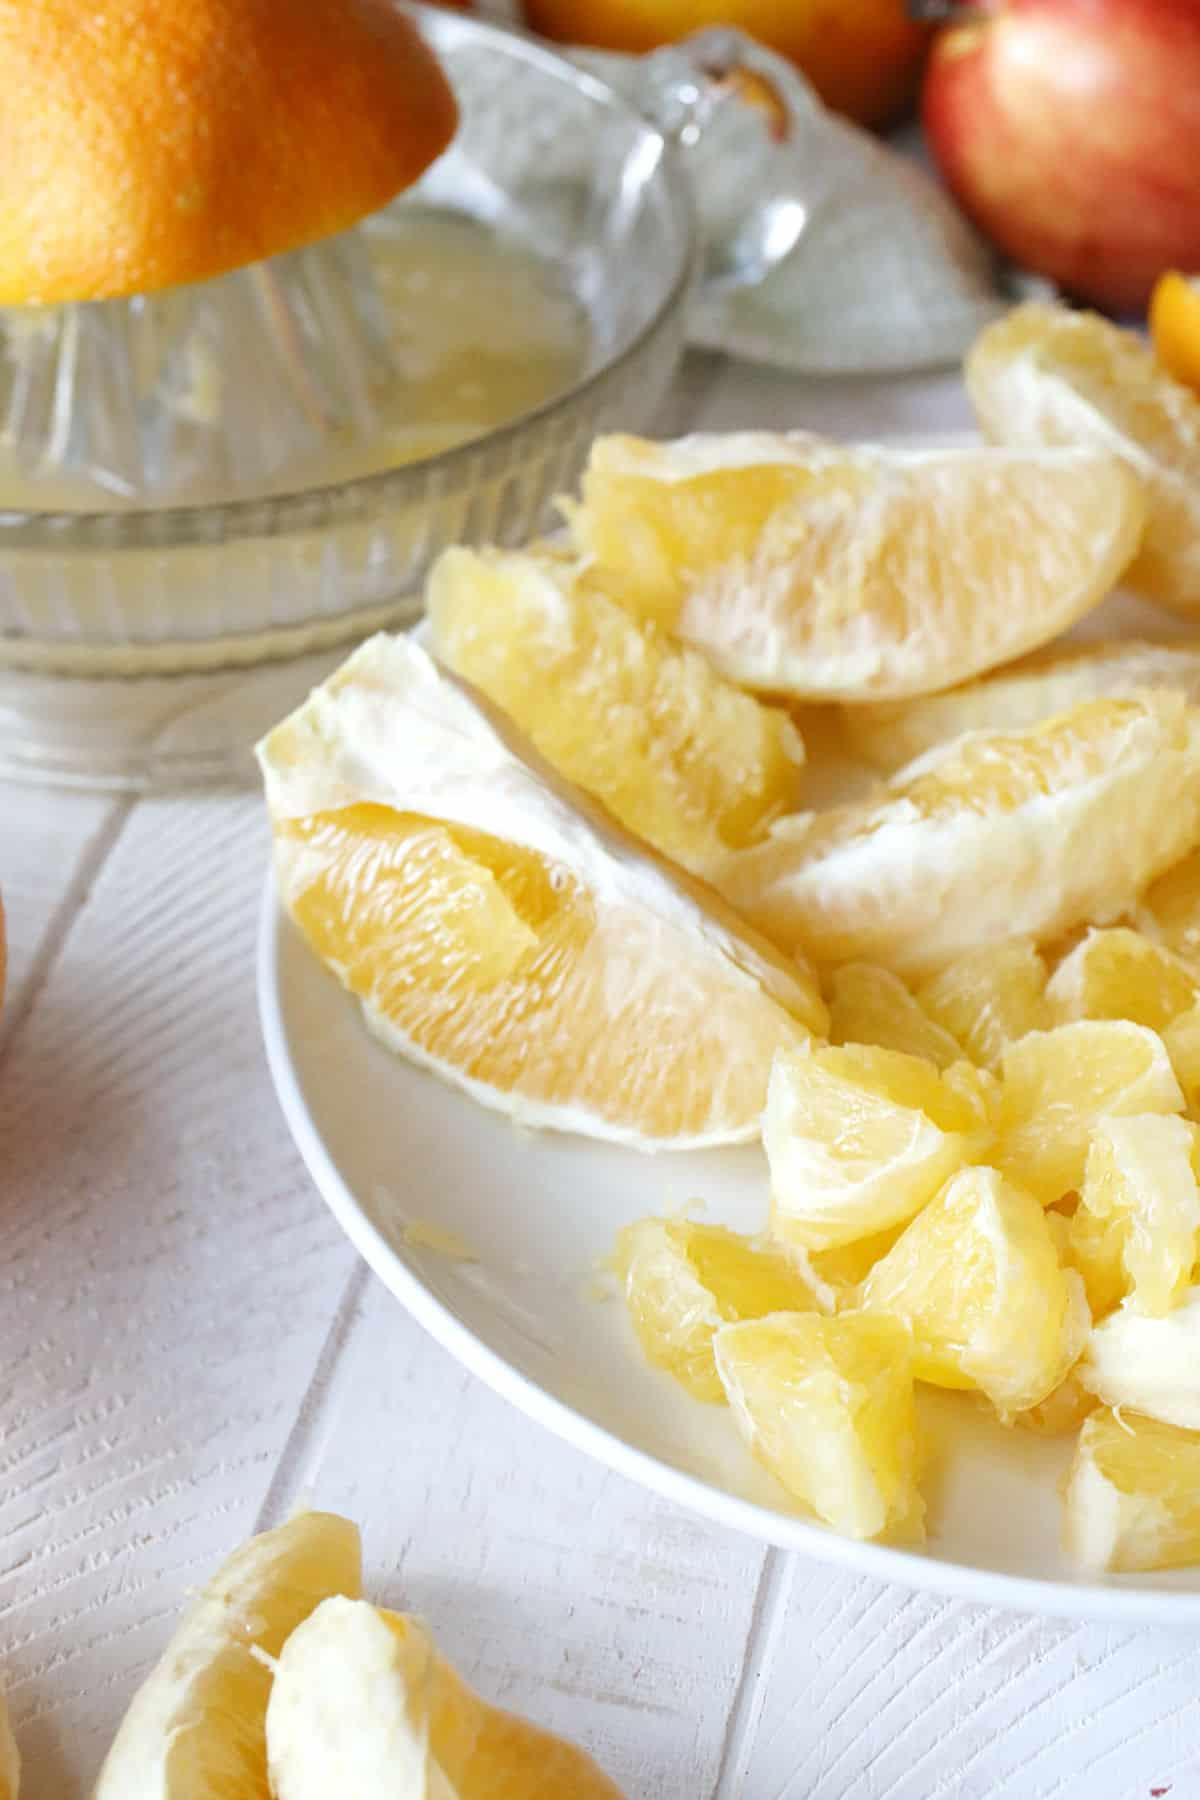 diced oranges